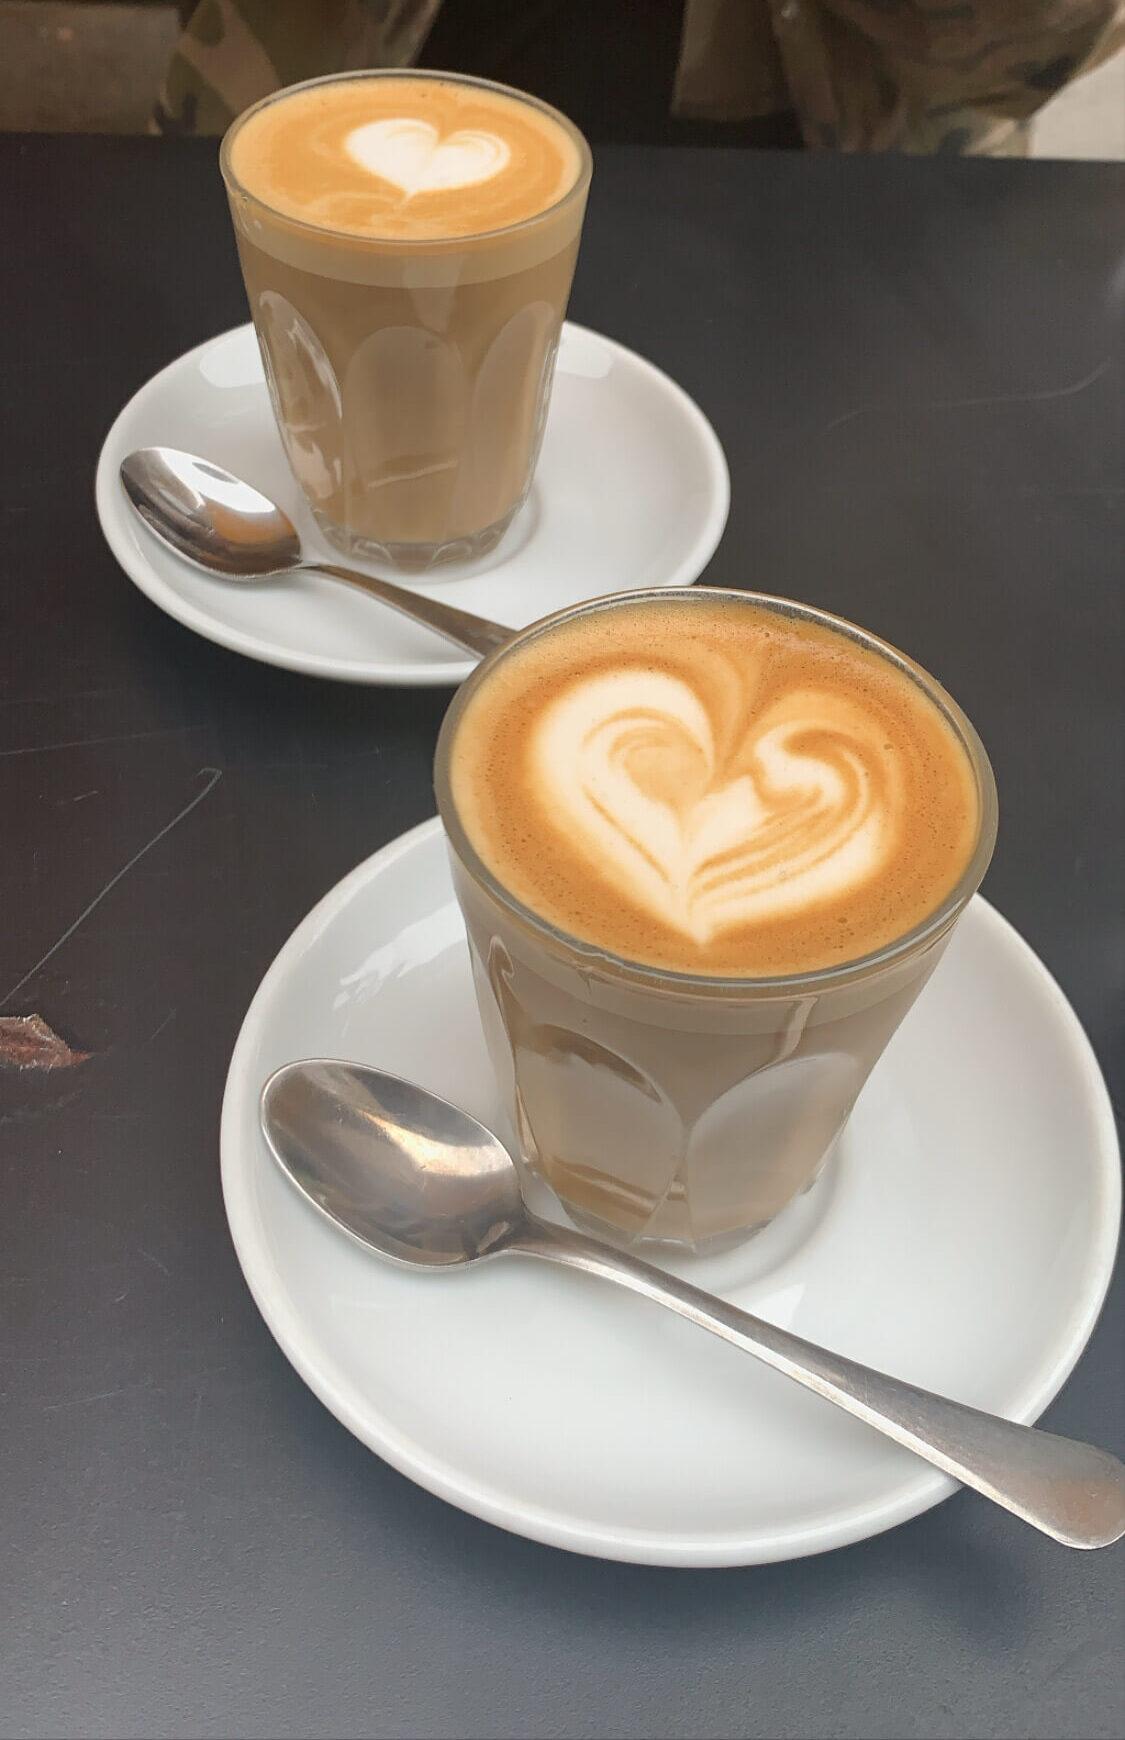 Coffee at Lantana